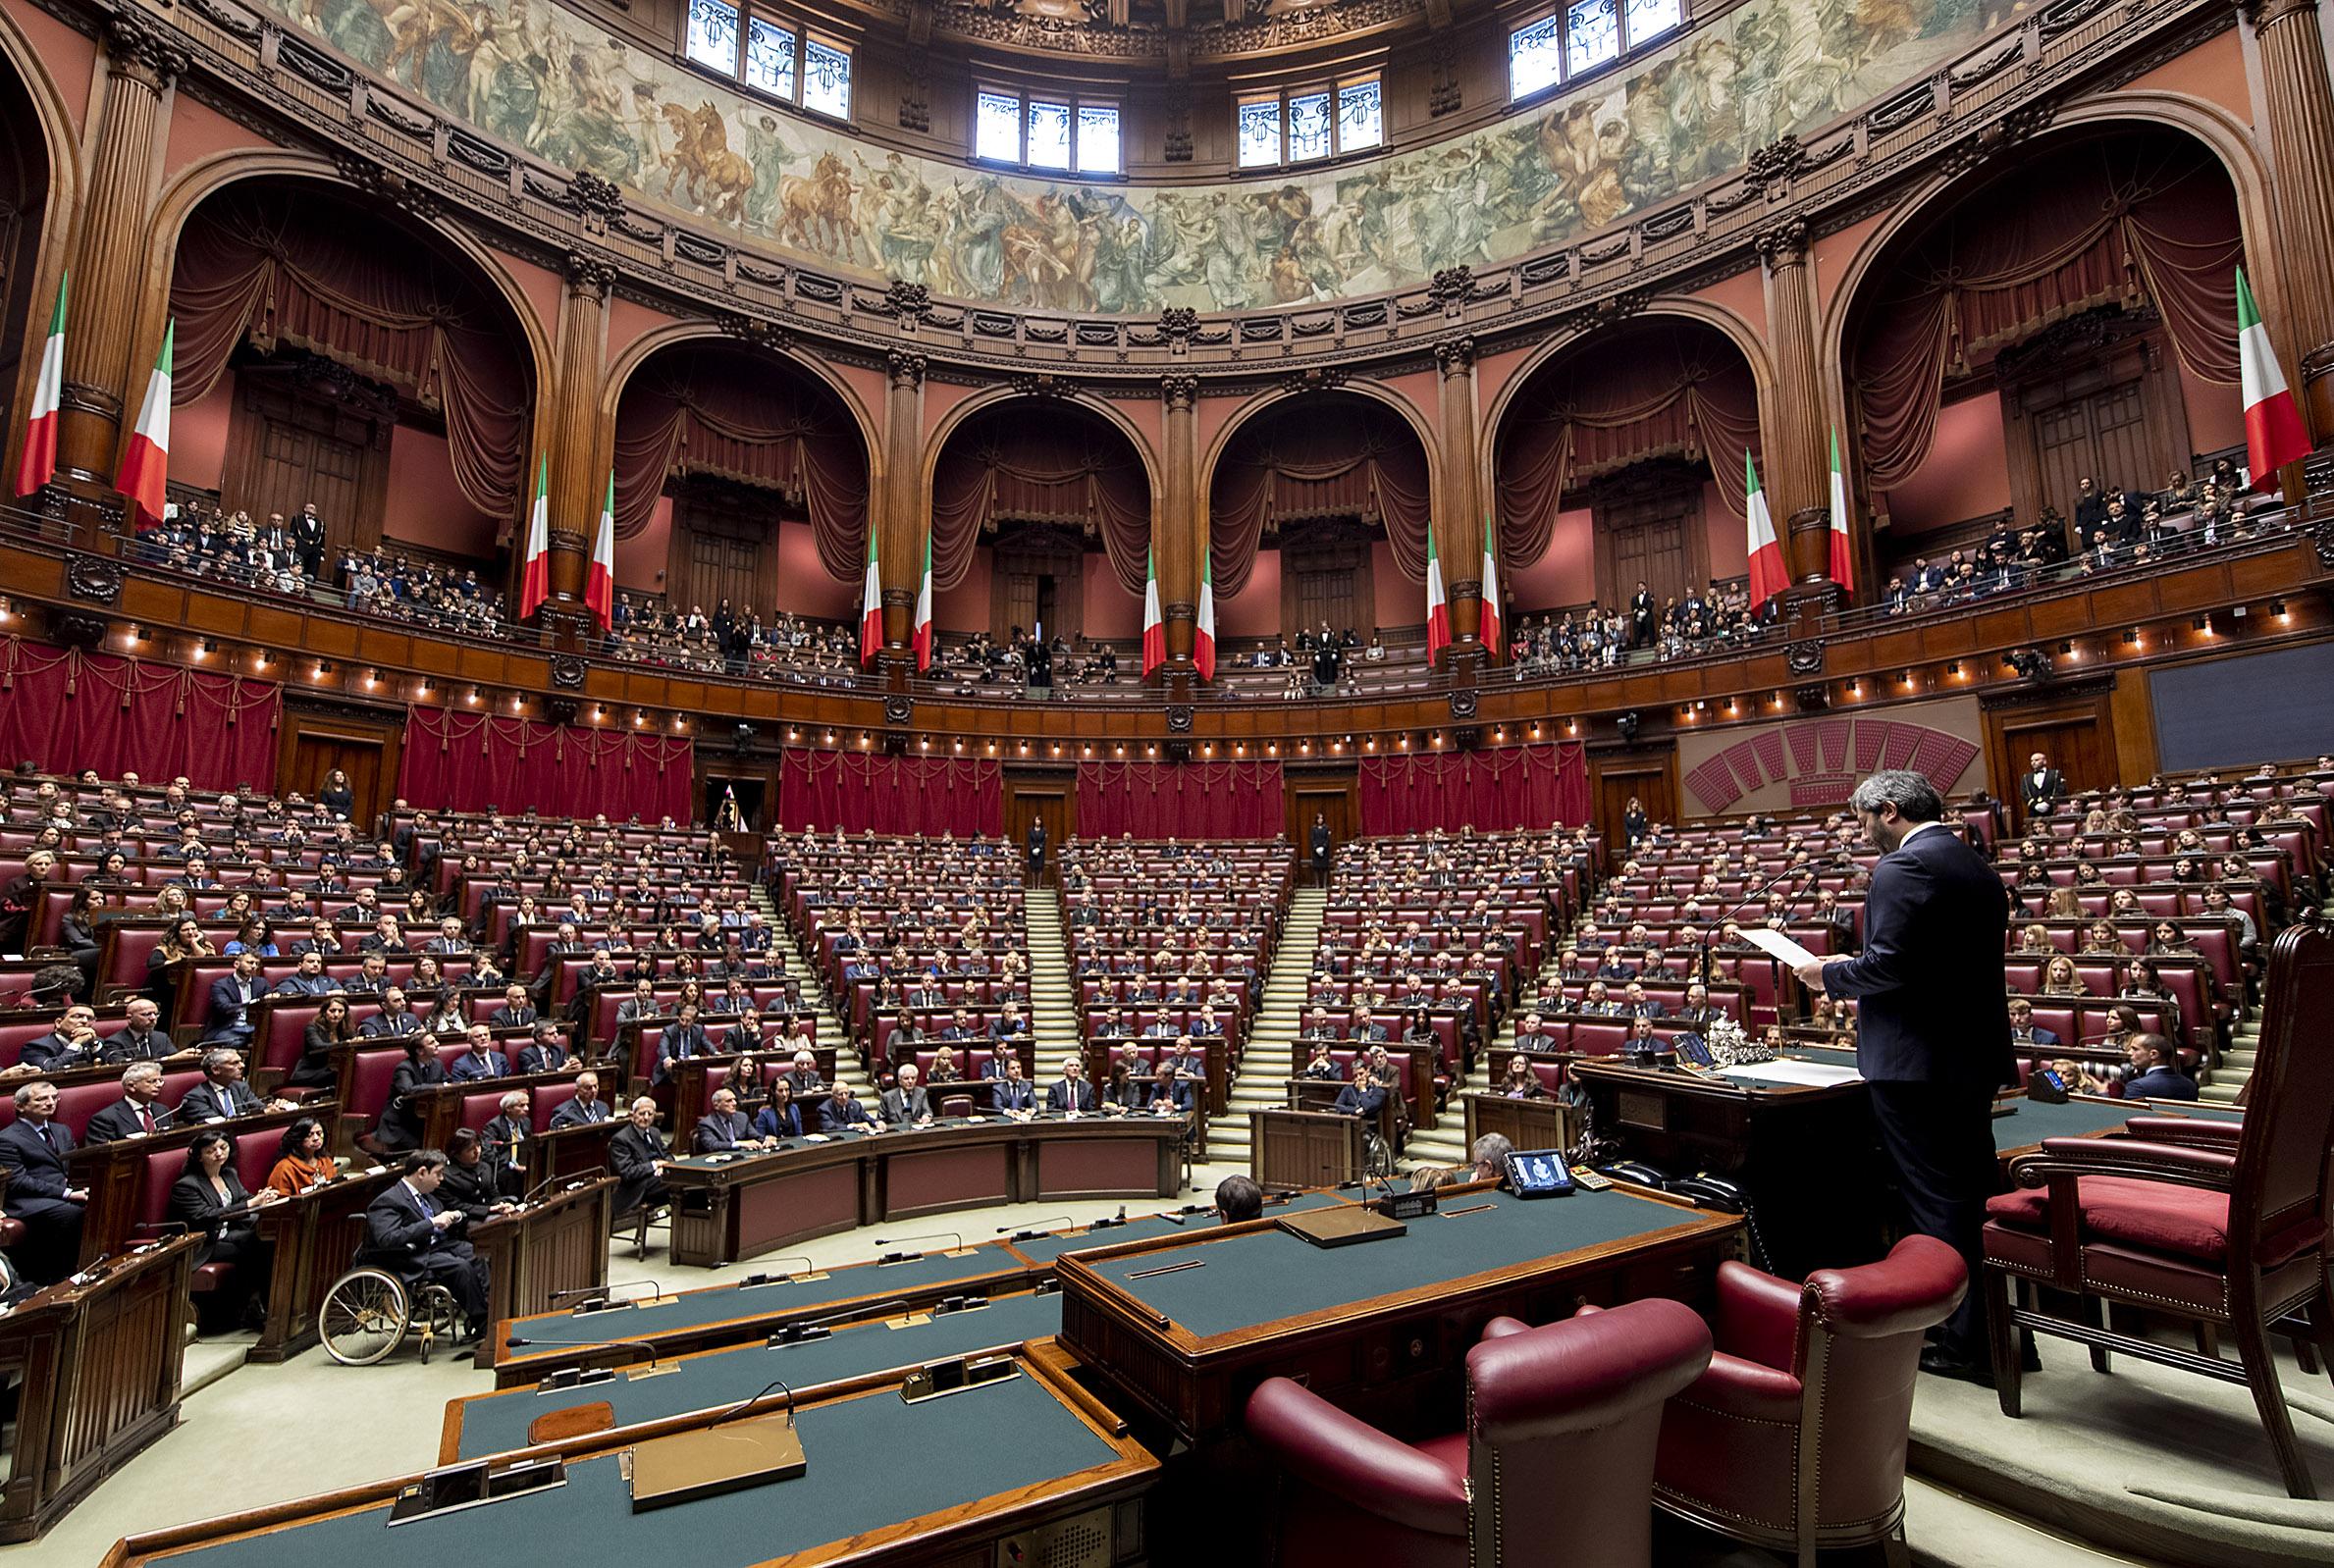 Discorso Camera Mussolini : Camera di commercio di lucca chiusa lunedì e martedì aprile